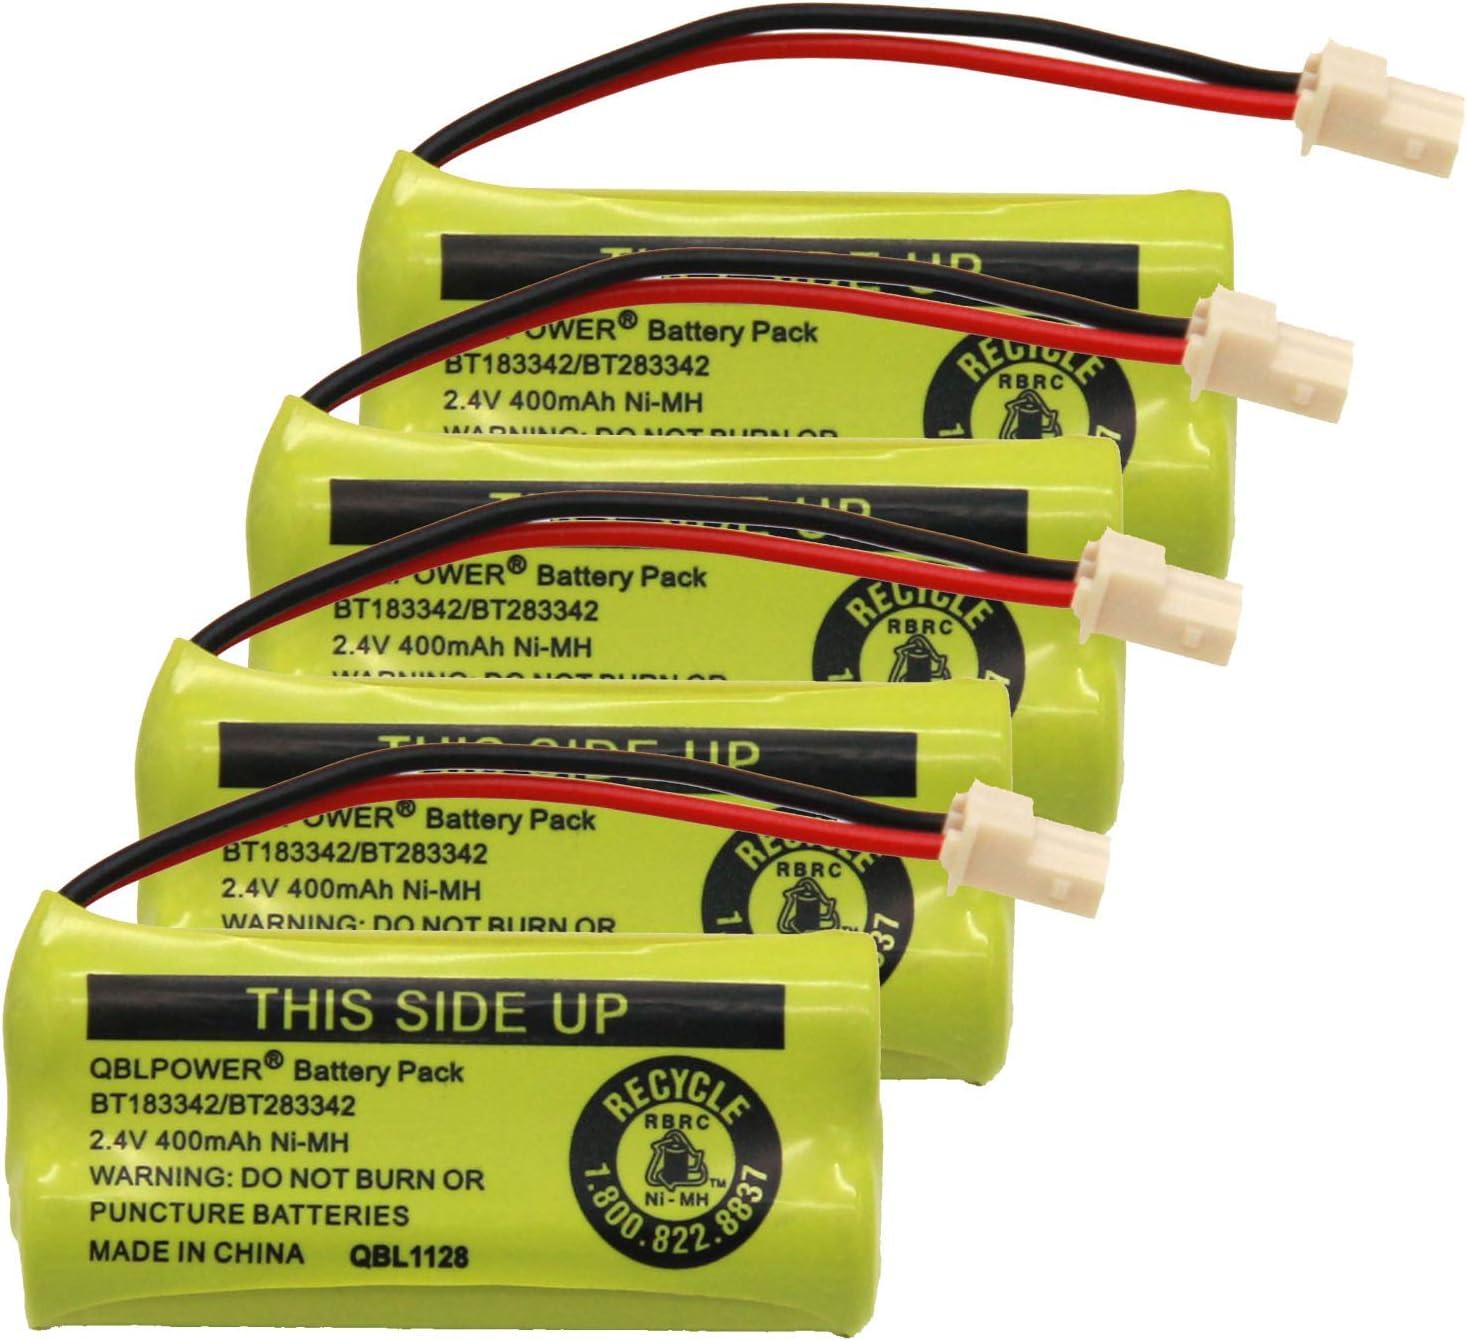 QBLPOWER BT-183342 BT-283342 BT-166342 BT-266342 BT-162342 BT-262342 Battery Compatible with CS6114 CS6419 CS6719 EL52300 CL80111 Cordless Phone(Pack of 4)